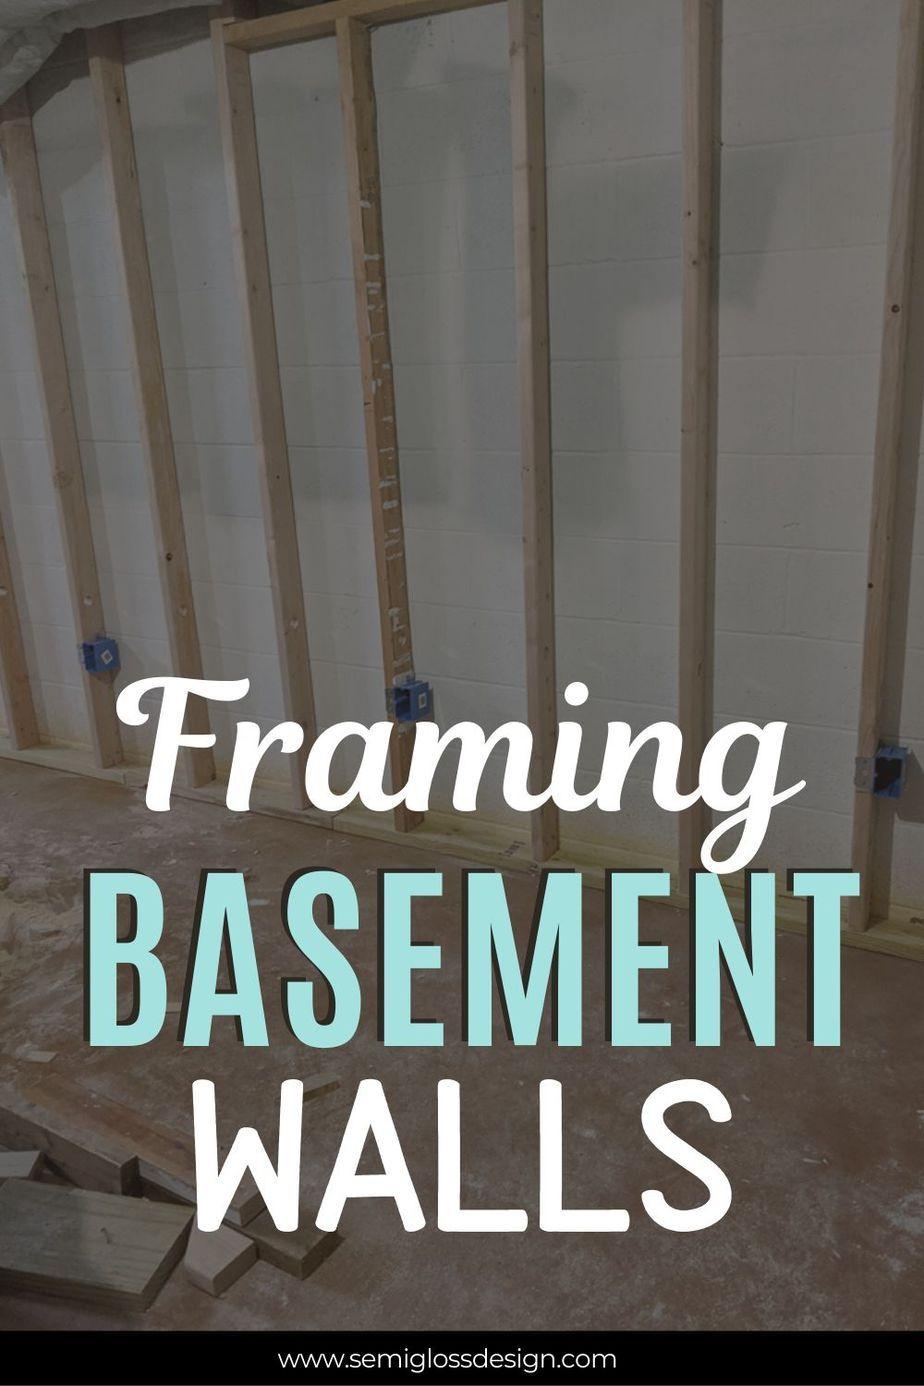 Tips For Framing Basement Walls Semigloss Design In 2020 Framing Basement Walls Basement Walls Basement